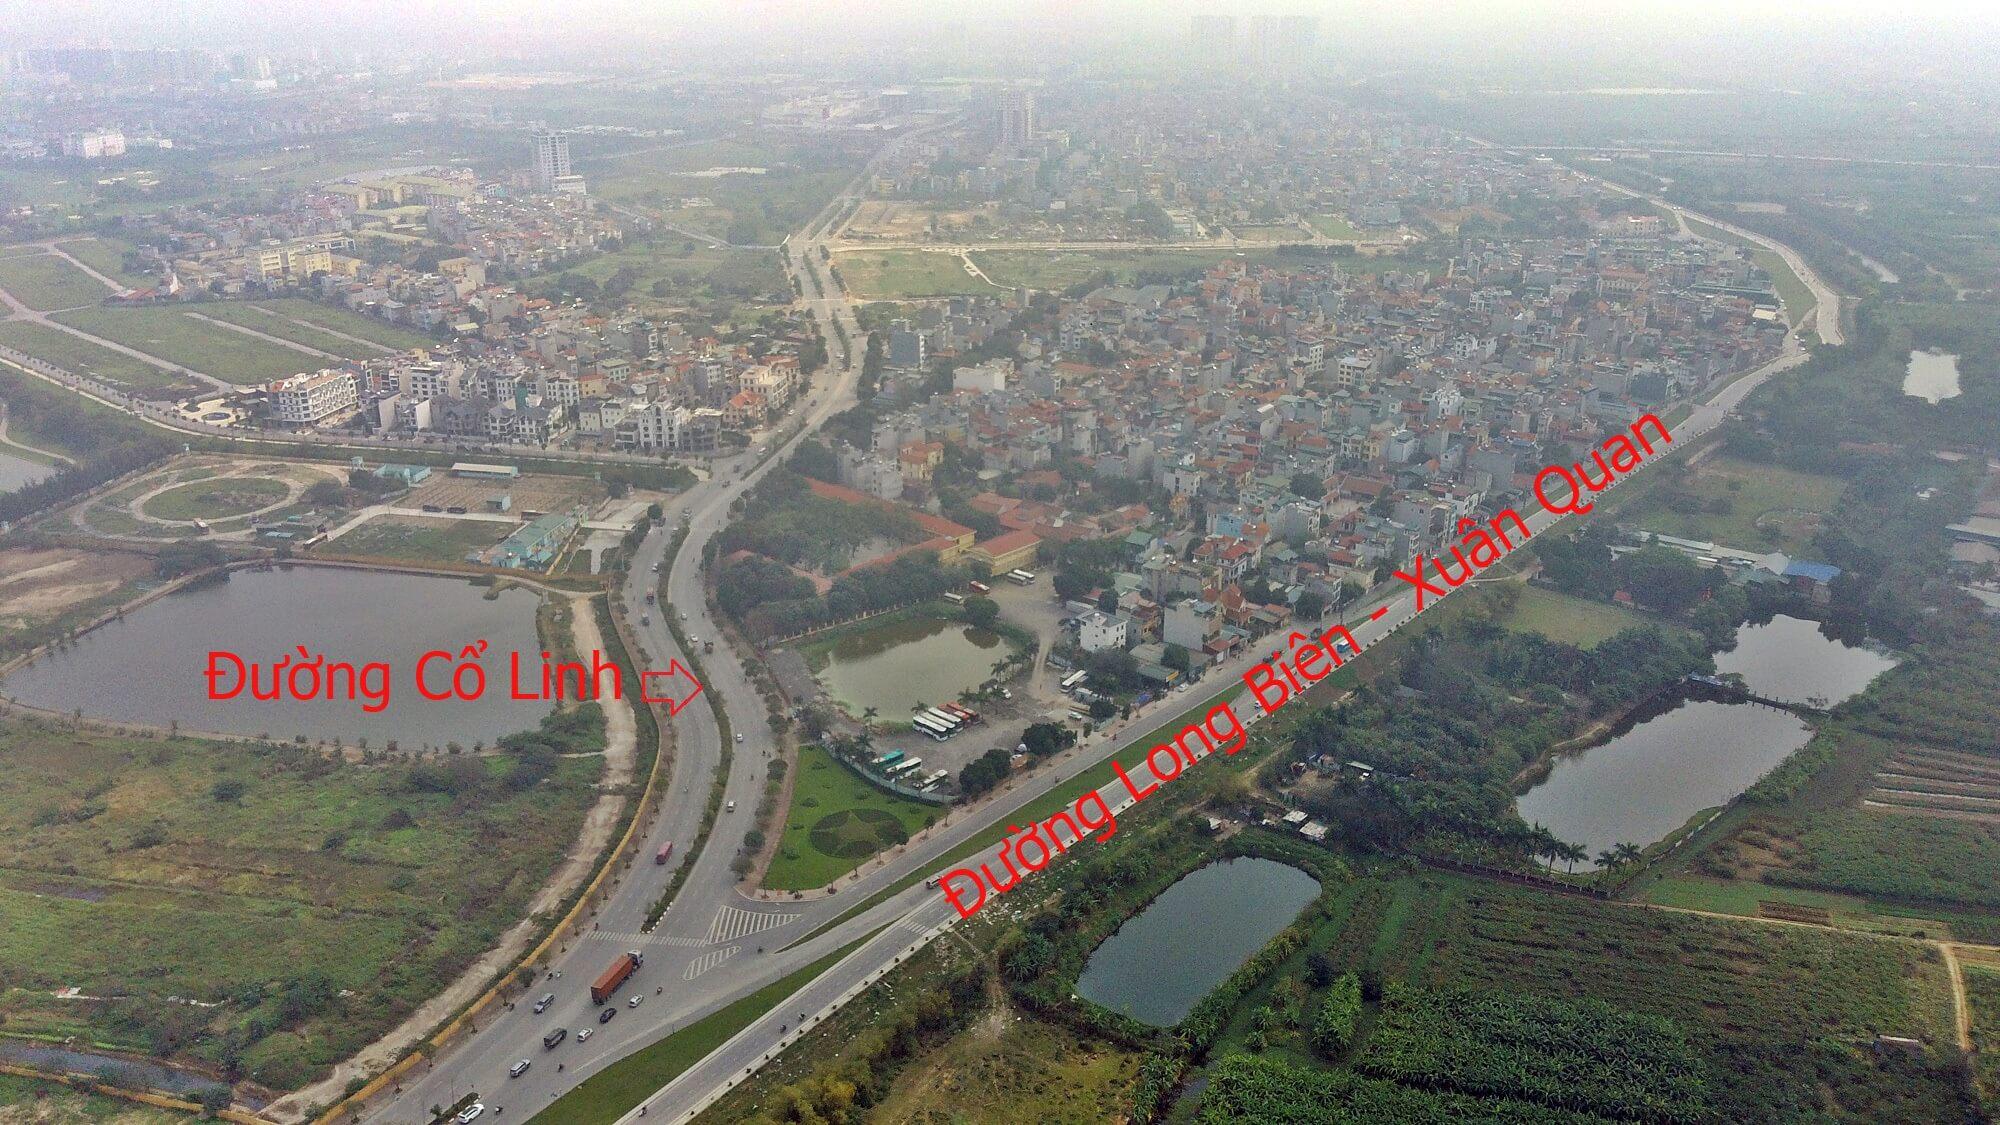 Từ nút giao hầm/cầu Trần Hưng đạo với Cổ Linh, người dân có thể đi về phía Aeon Mall Long Biên, đường Xuân Quan về phía cầu Thanh Trì, Vĩnh Tuy.